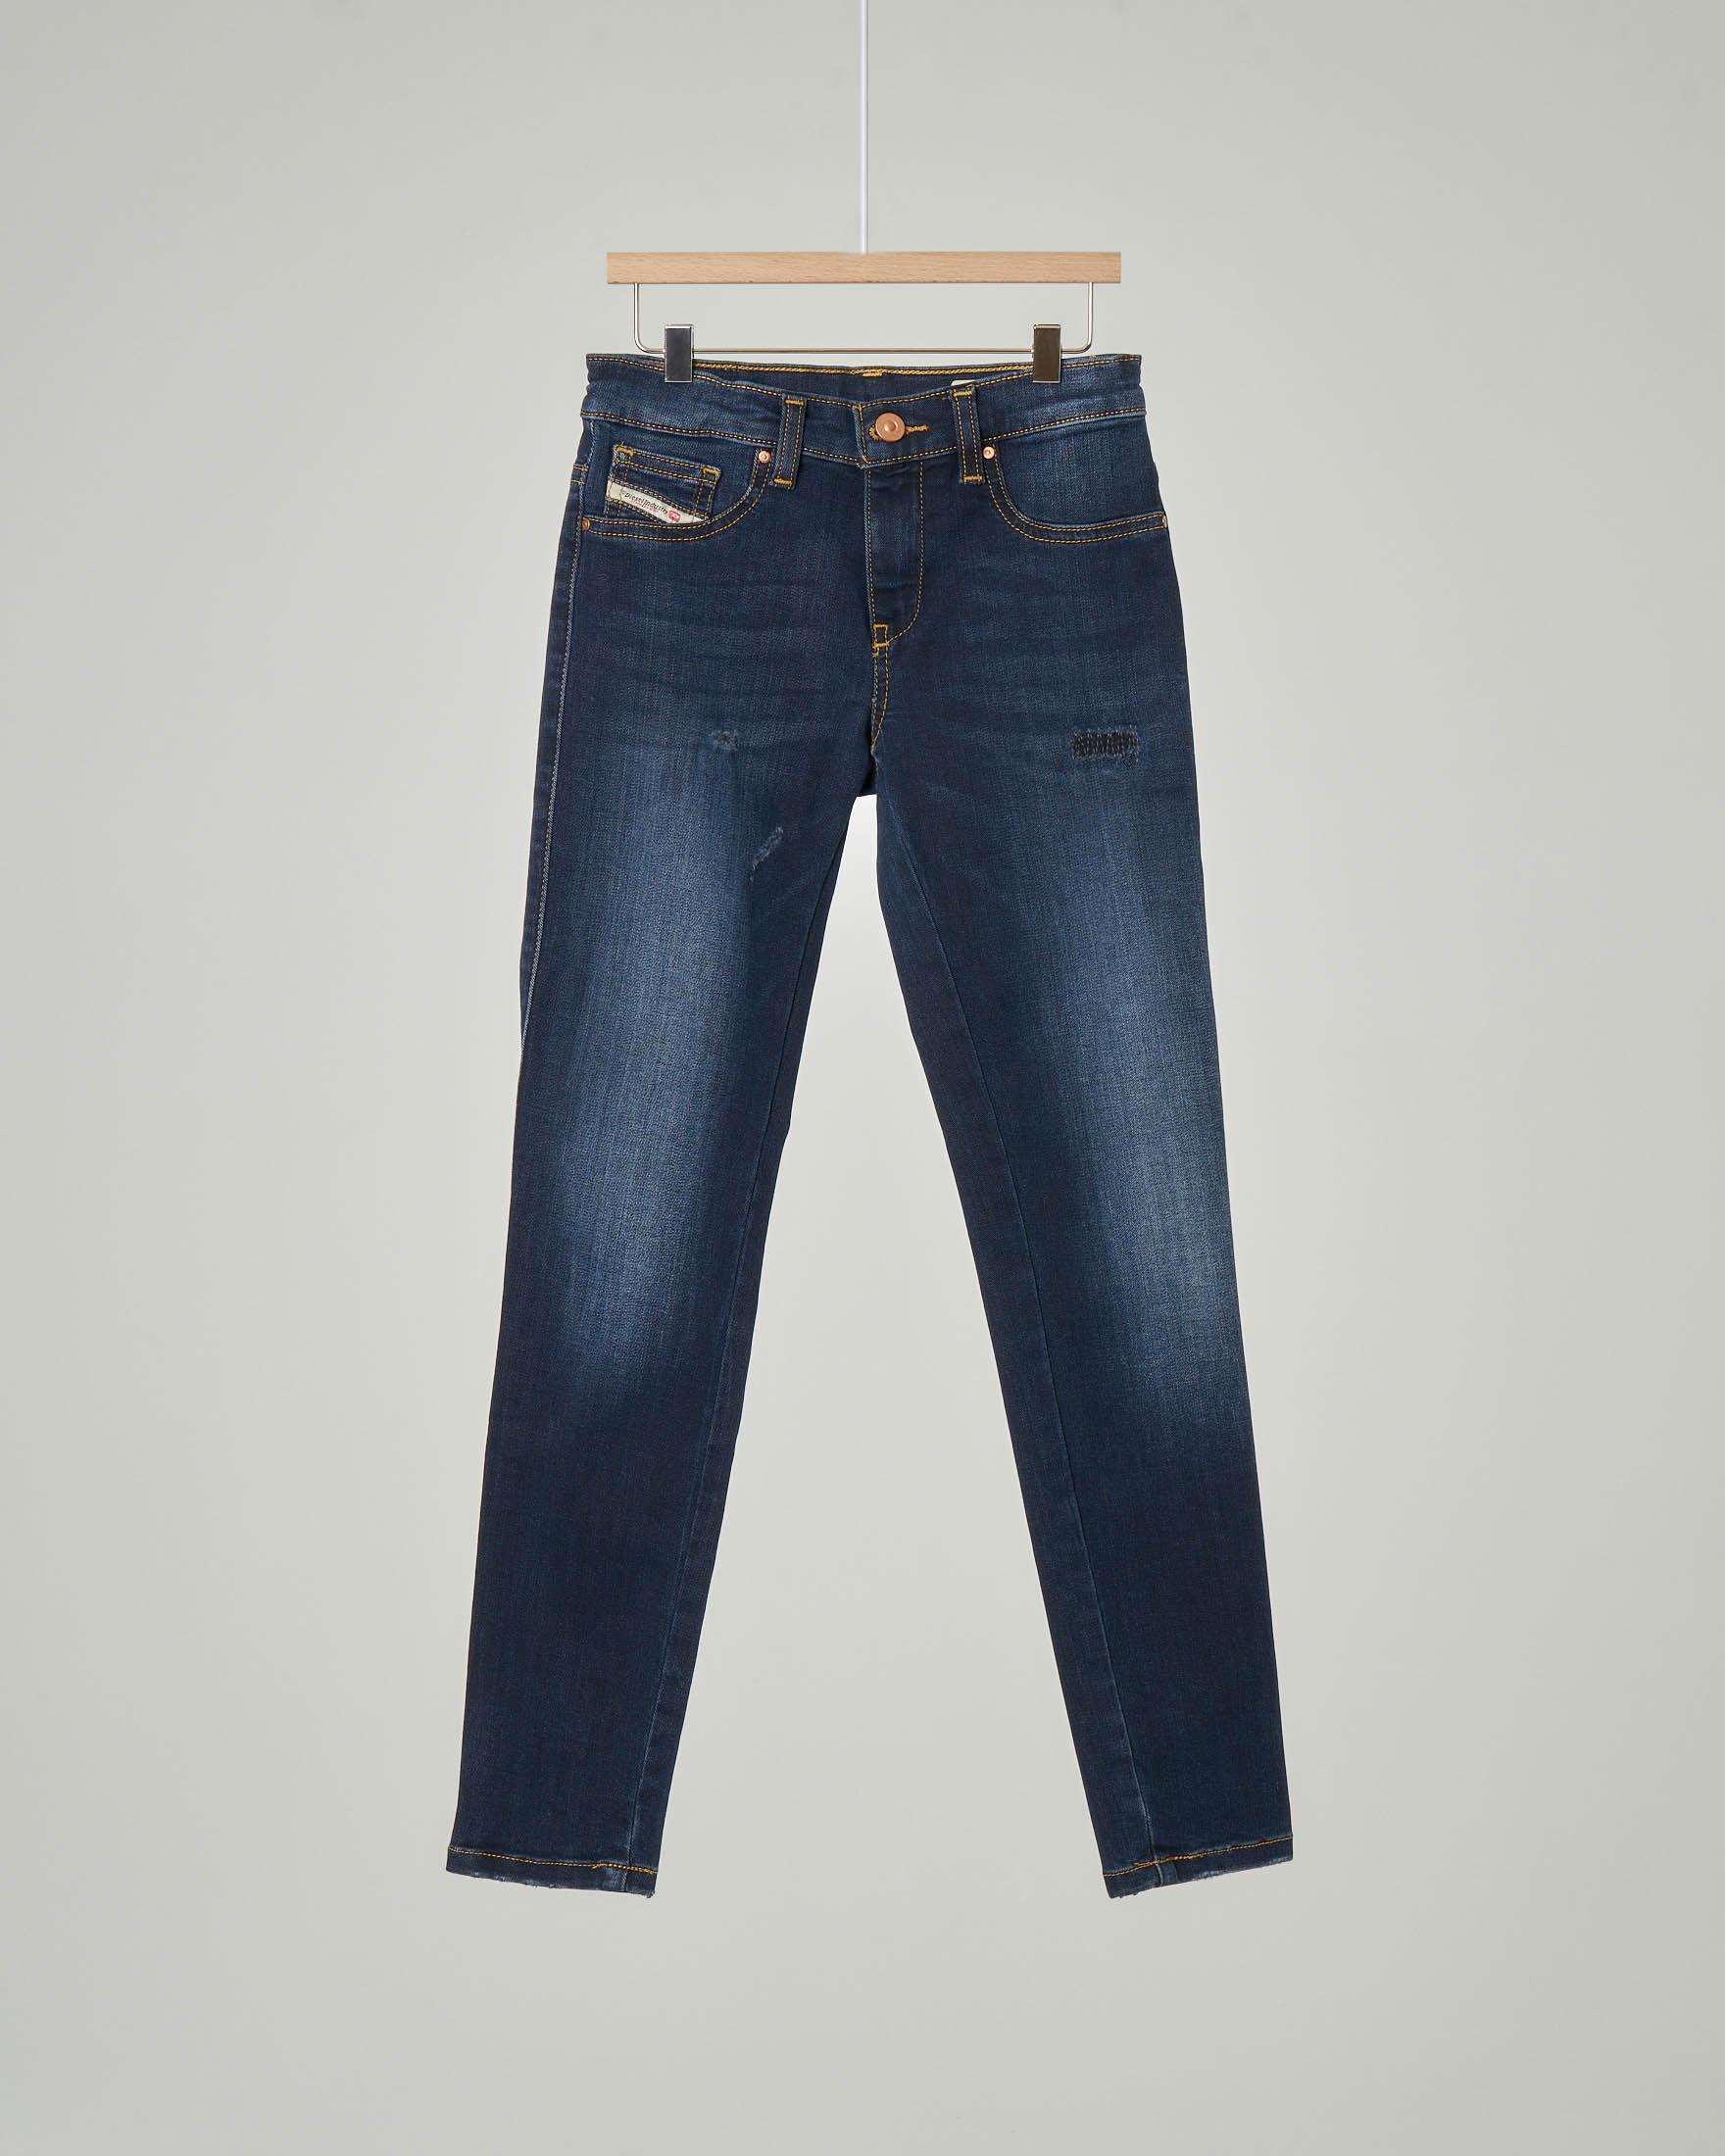 Jeans Dhary lavaggio blu scuro stone wash con abrasioni 10-16